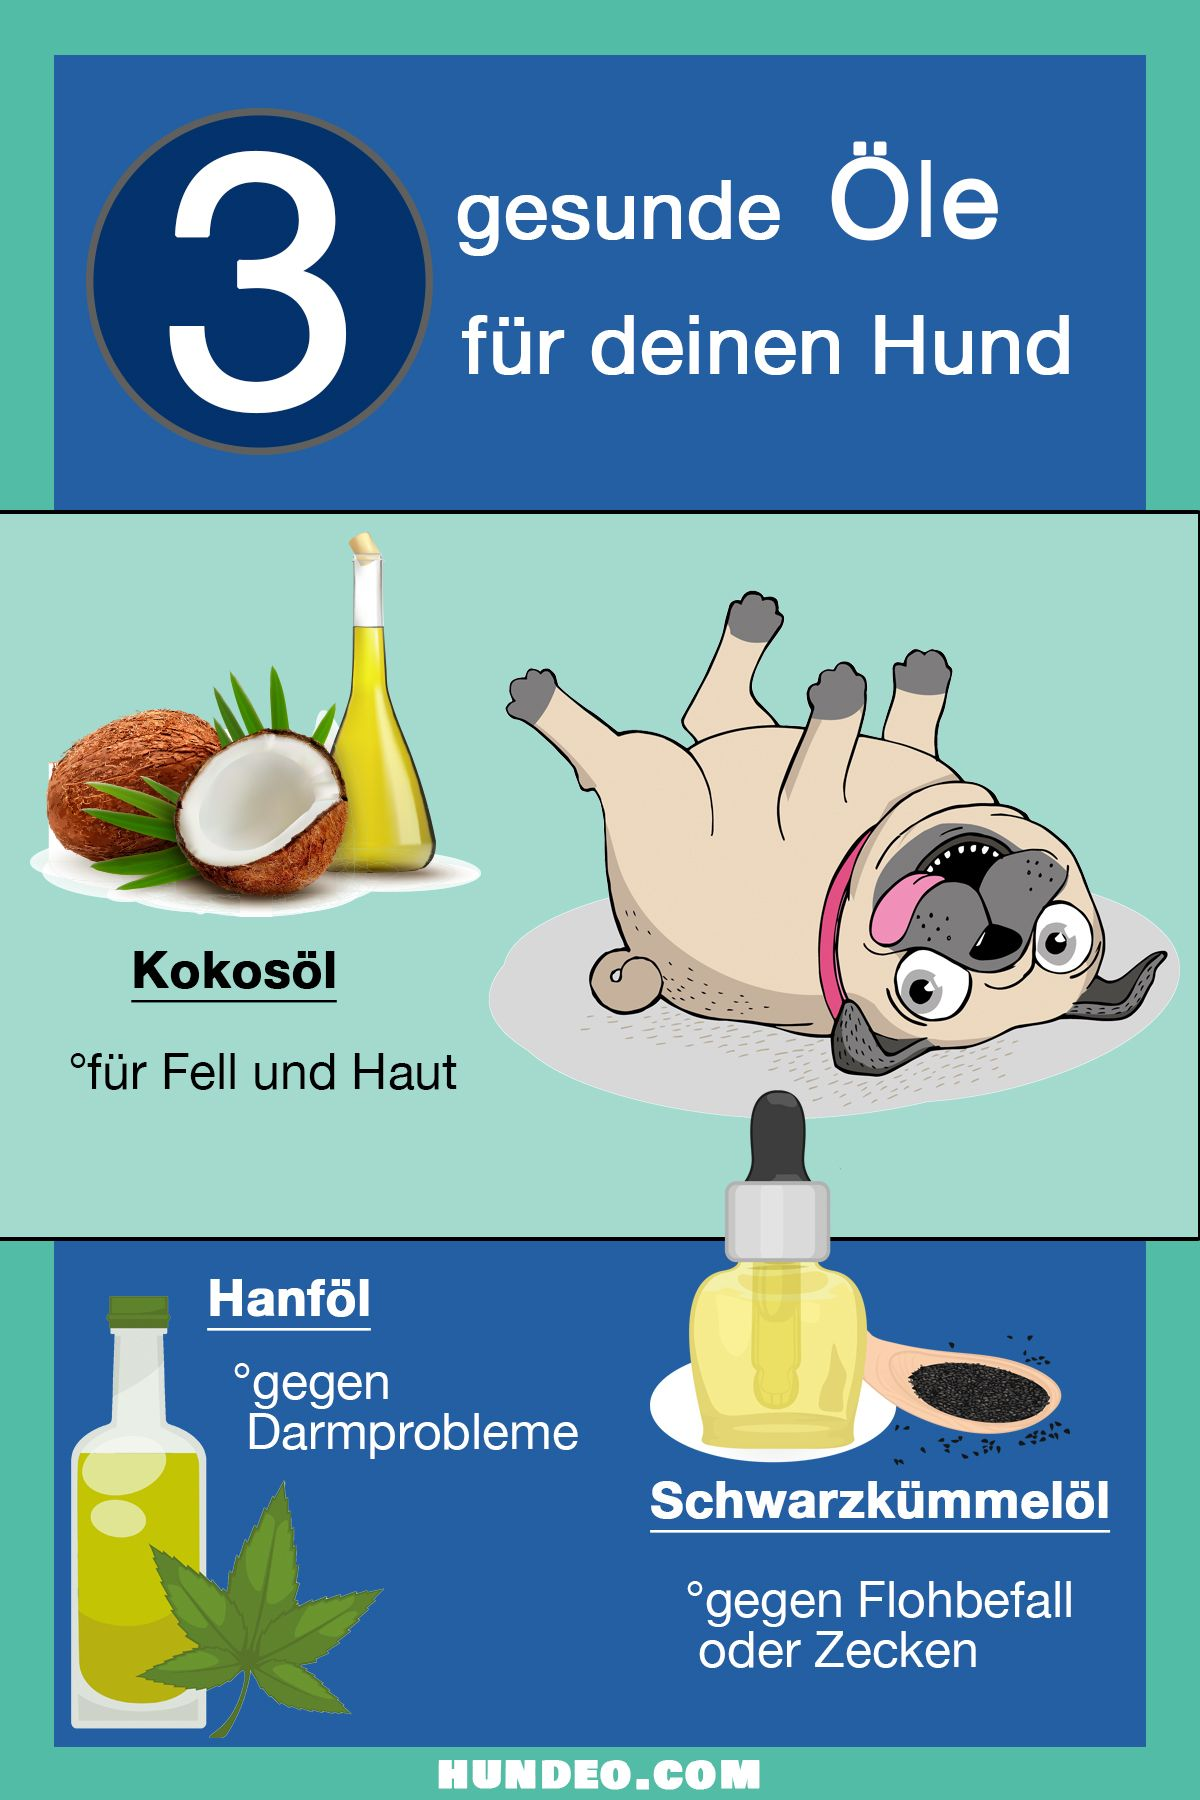 7 gesunde Öle für dein Hund (Die du